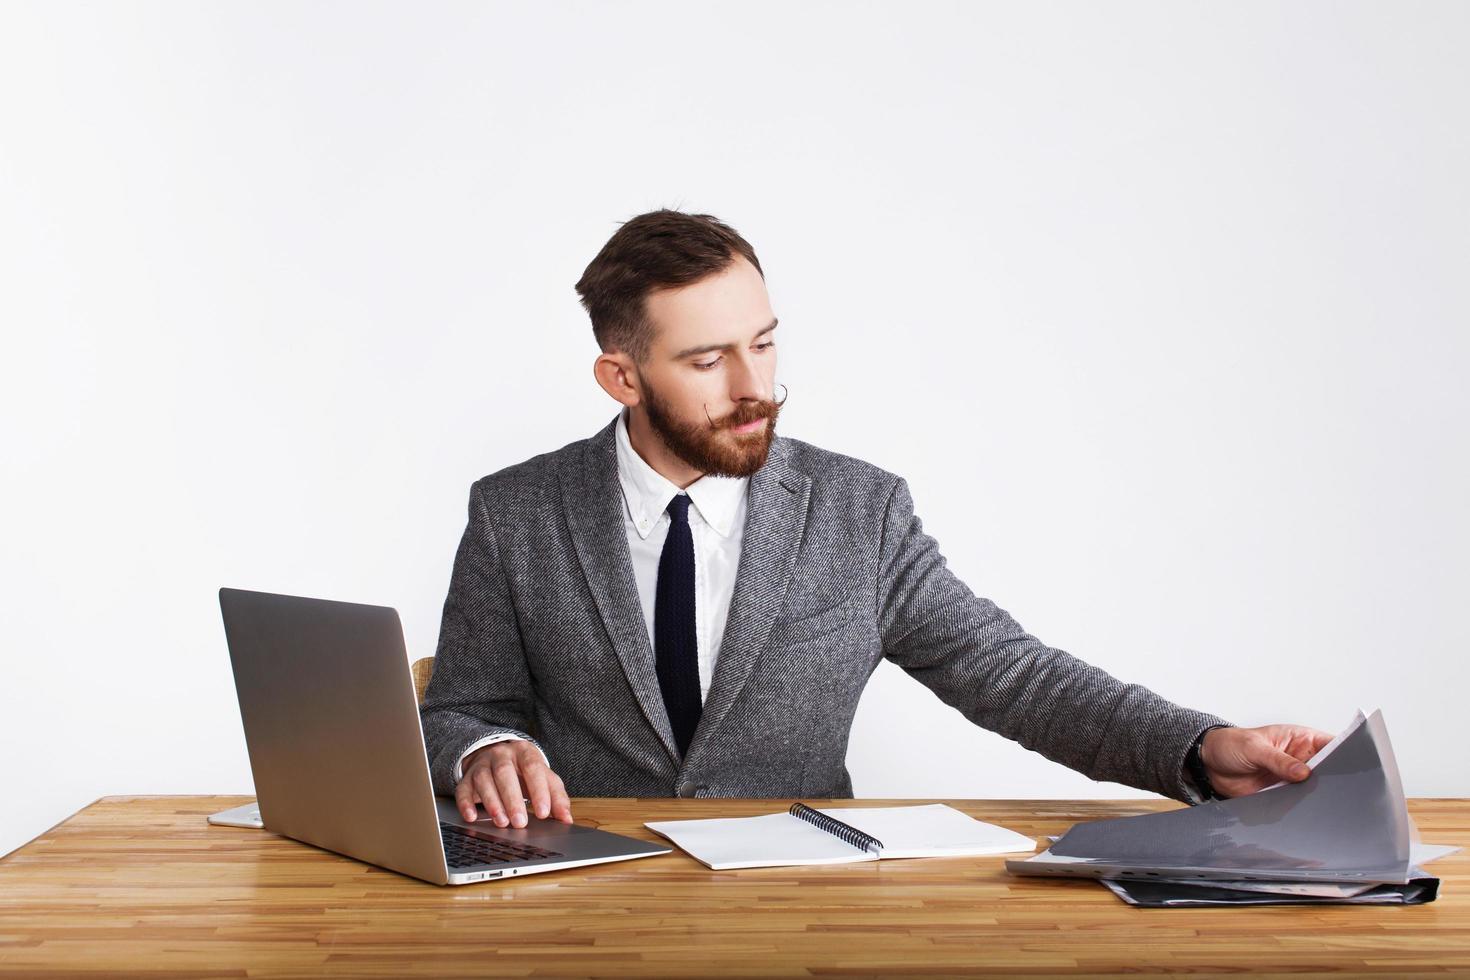 homme d & # 39; affaires travaille au bureau sur fond blanc photo